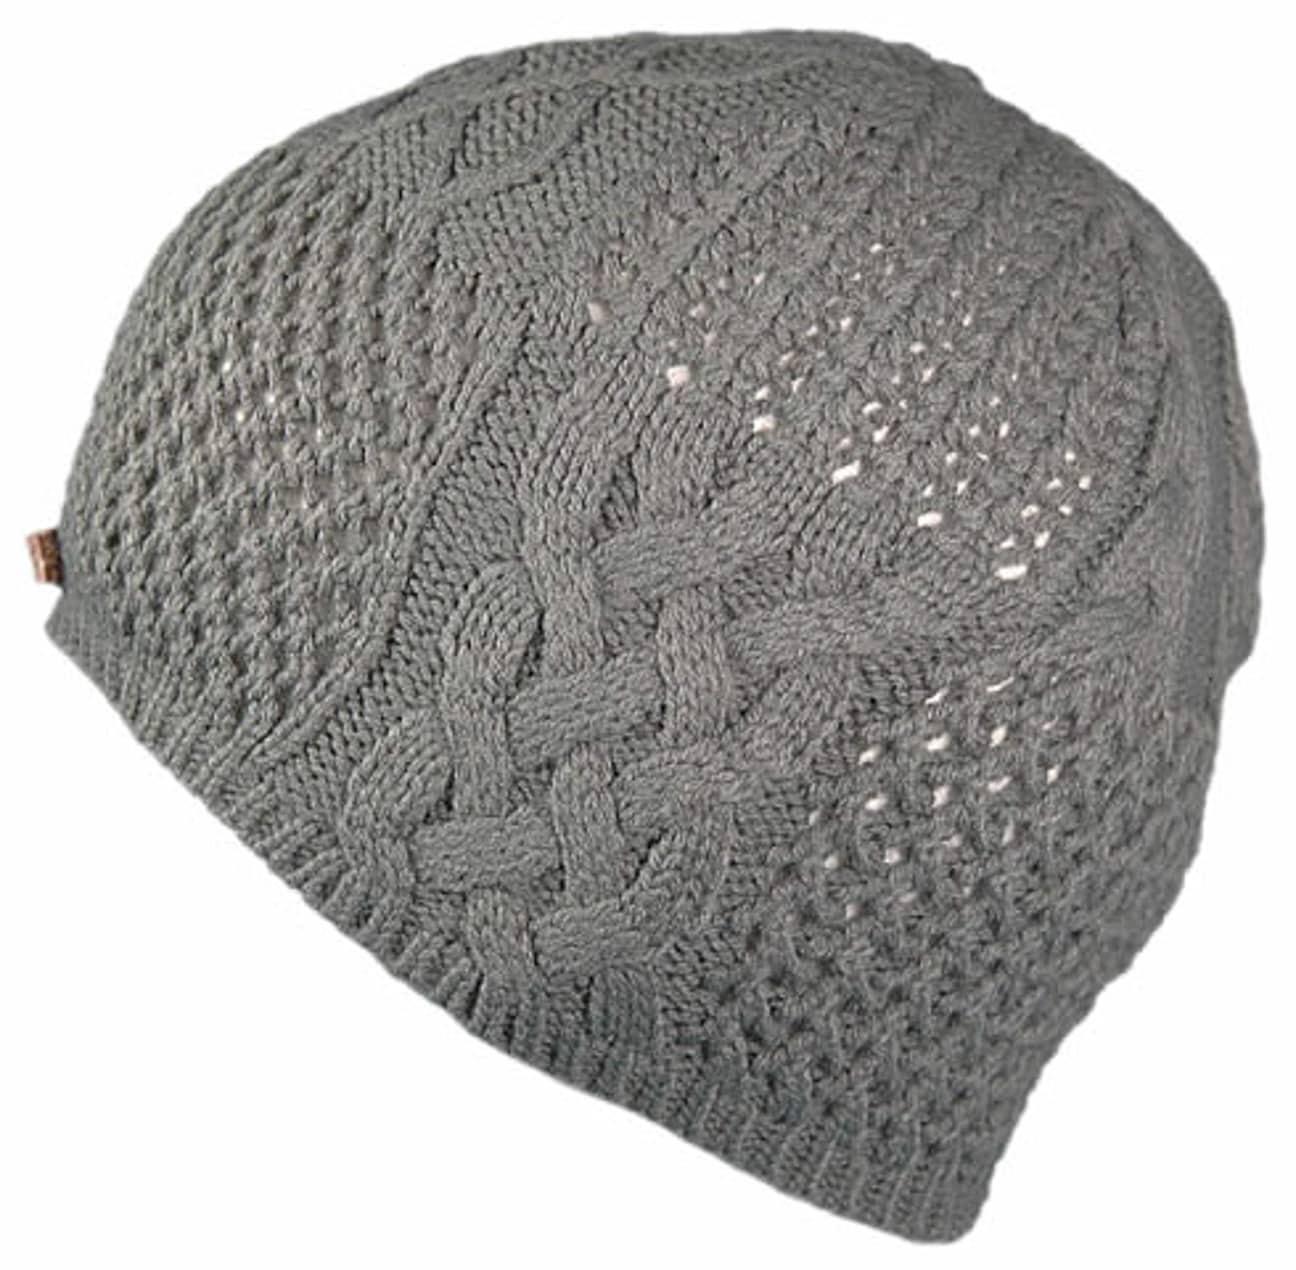 bonnet kangol patchwork en tricot eur 39 90 chapeaux casquettes et bonnets en ligne. Black Bedroom Furniture Sets. Home Design Ideas